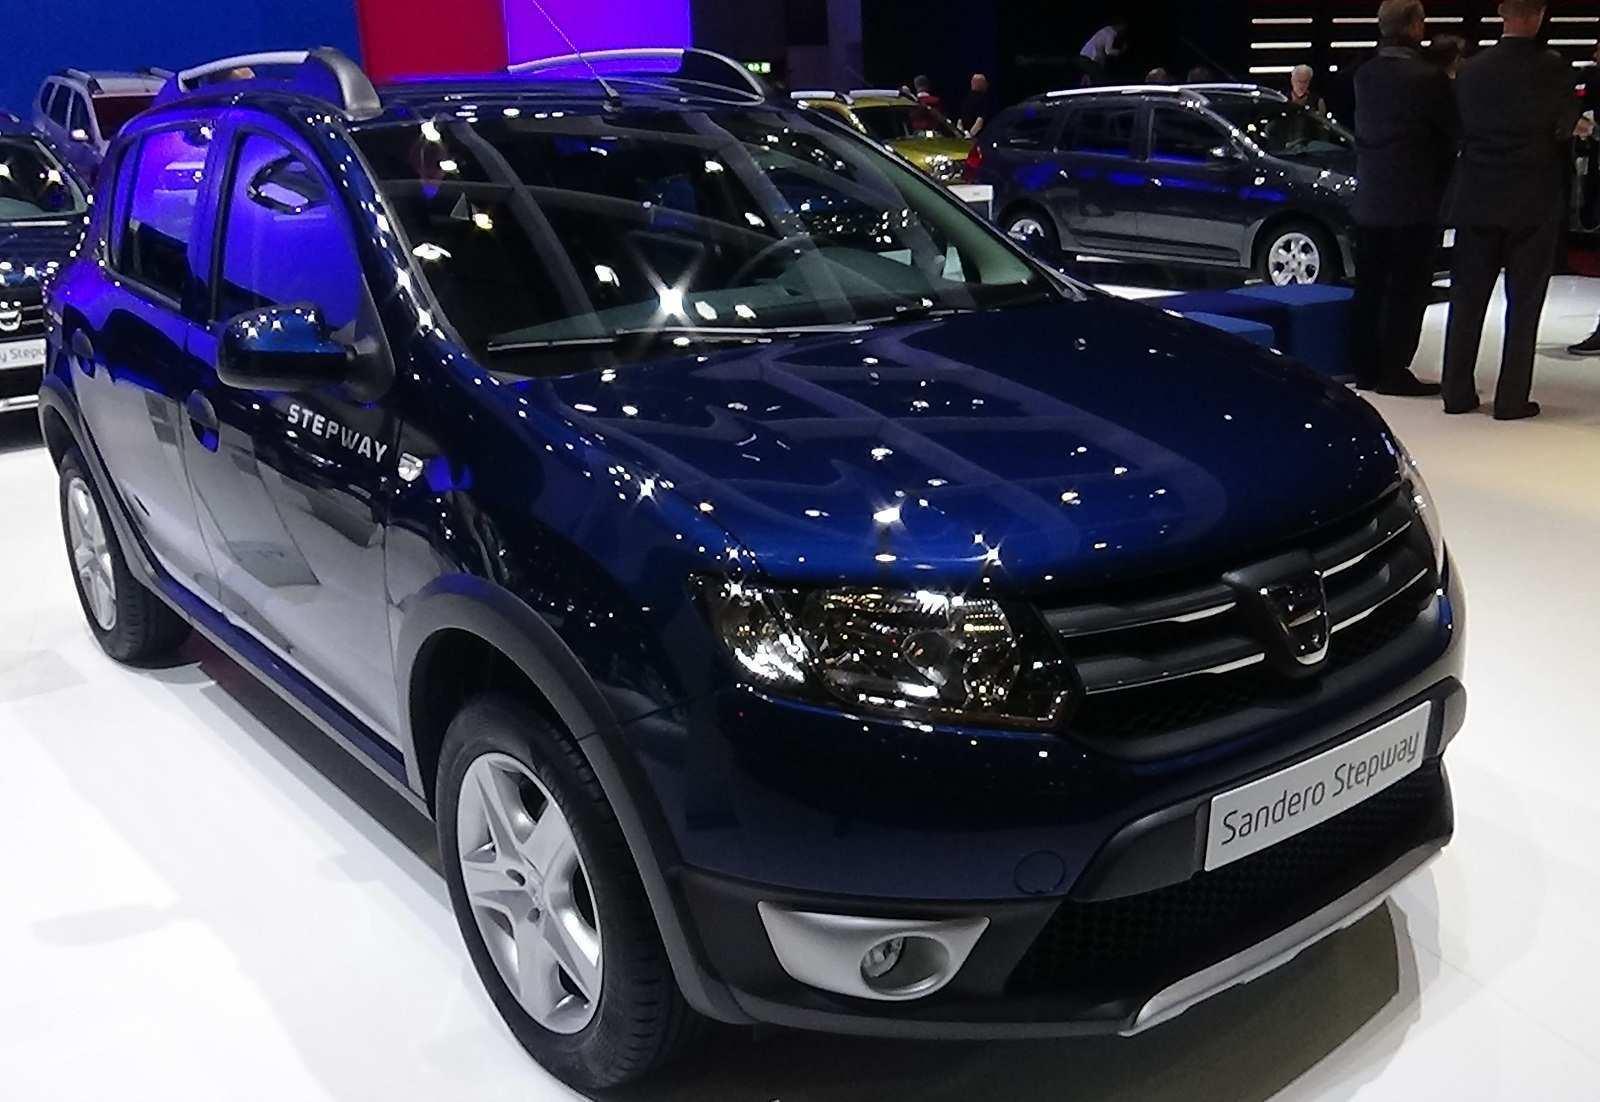 26 Great Dacia Sandero 2020 Reviews by Dacia Sandero 2020